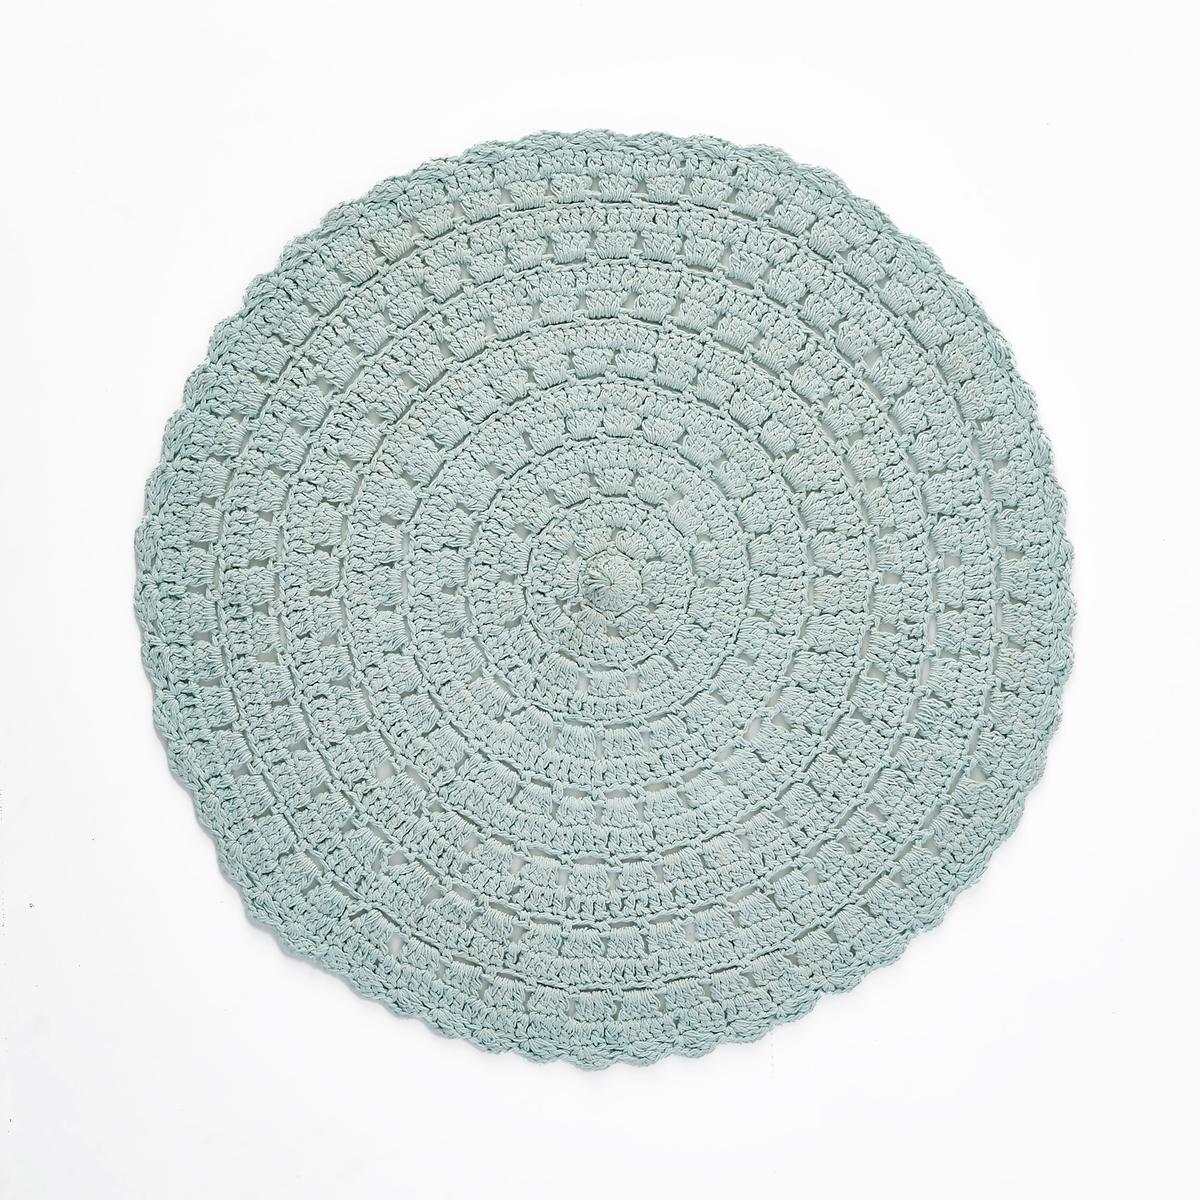 Ковер La Redoute Круглый связанный крючком Wiku диаметр 100 см зеленый